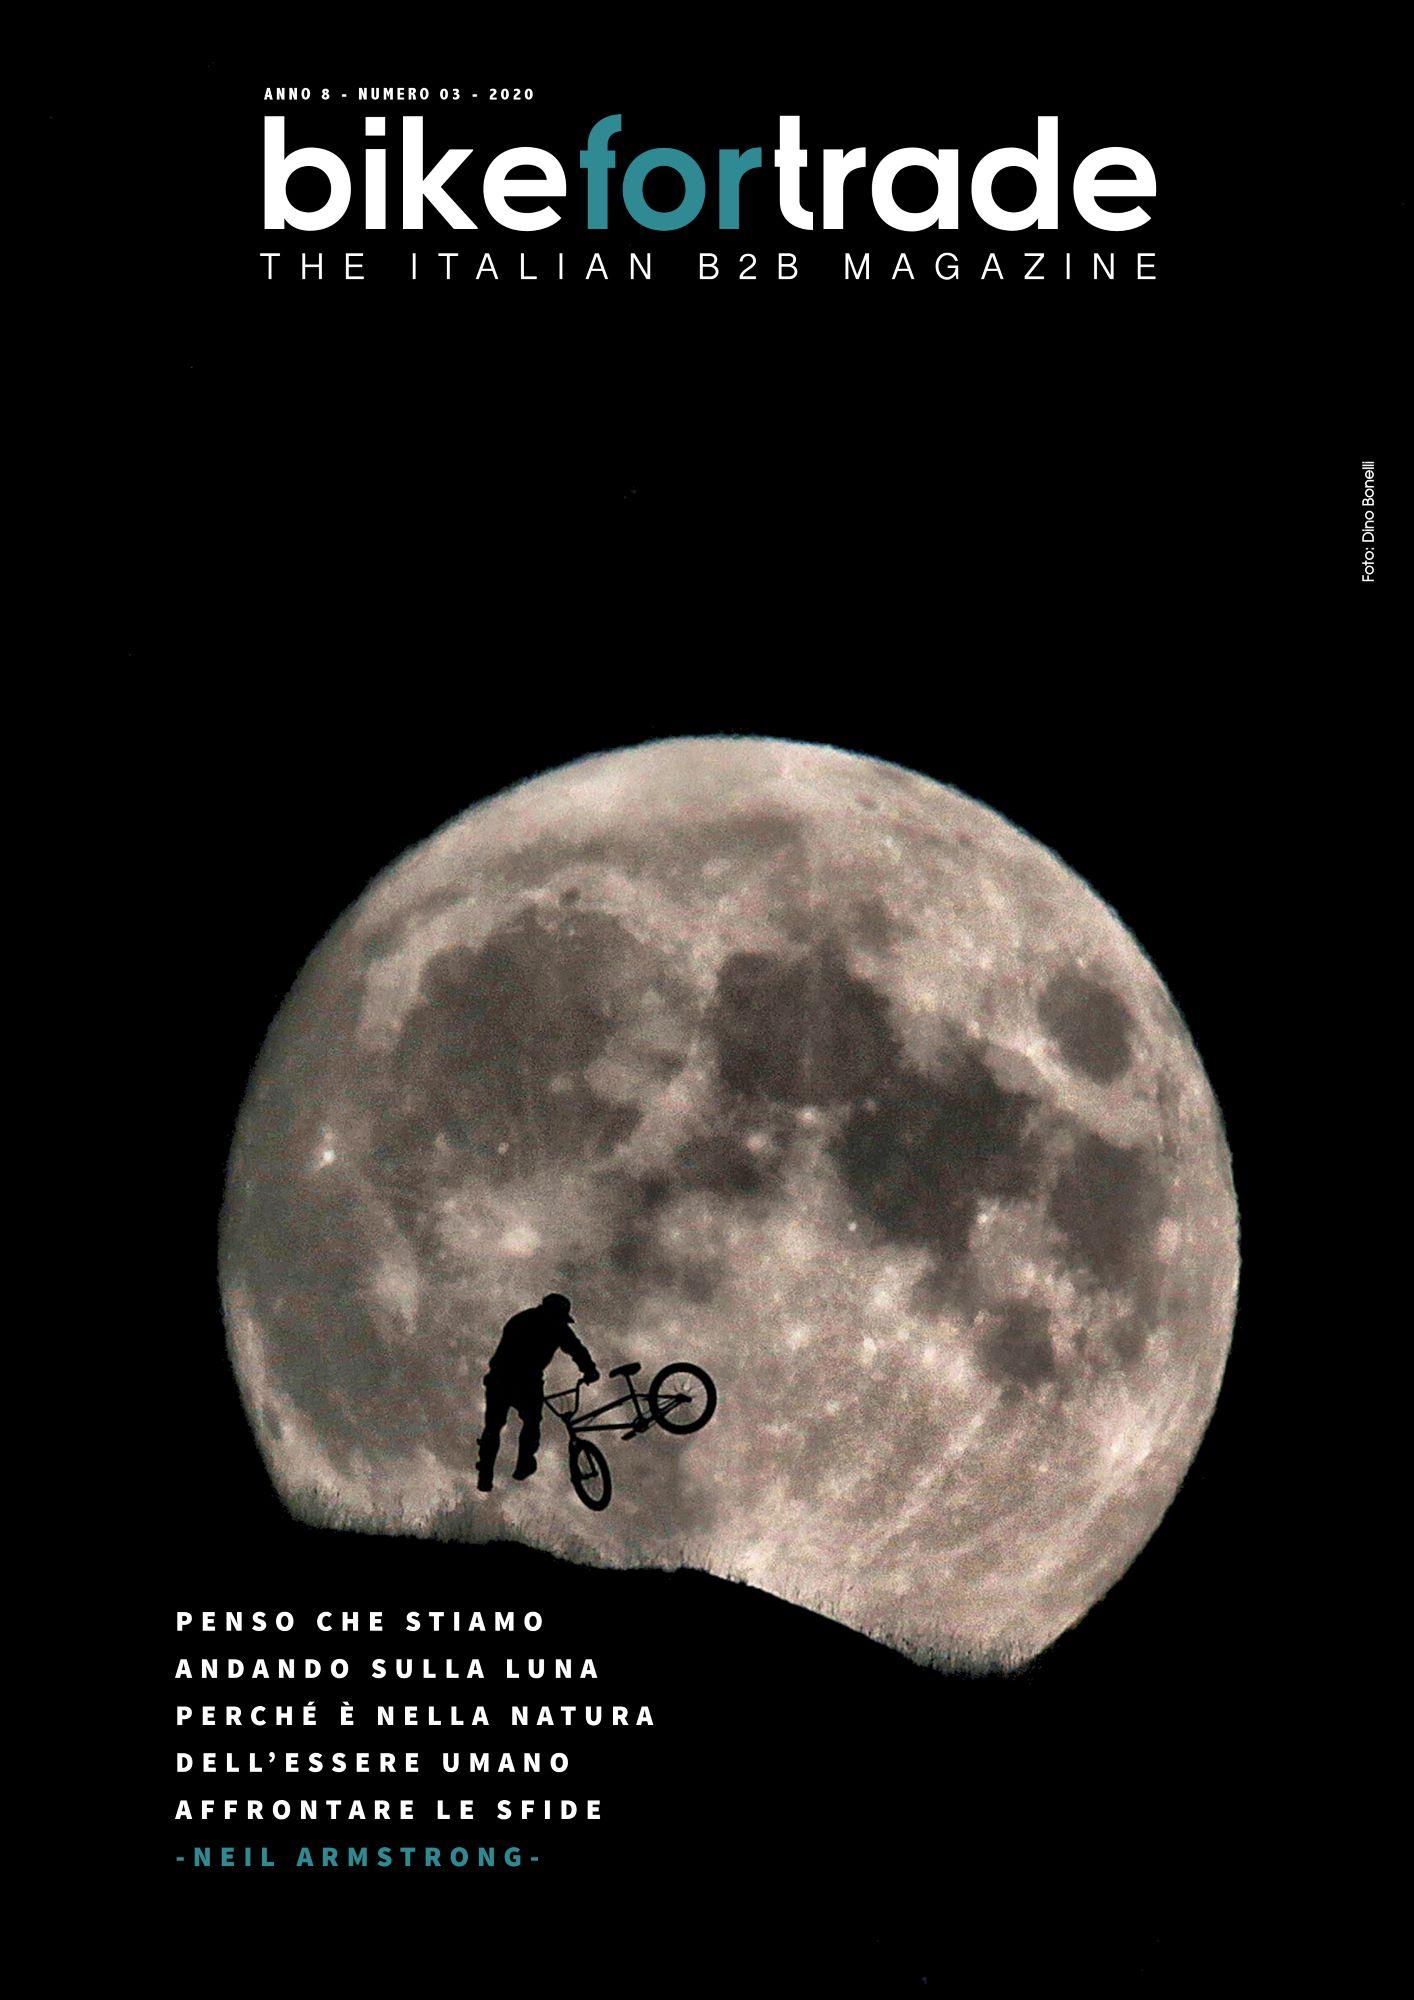 Bikefortrade 03_2020